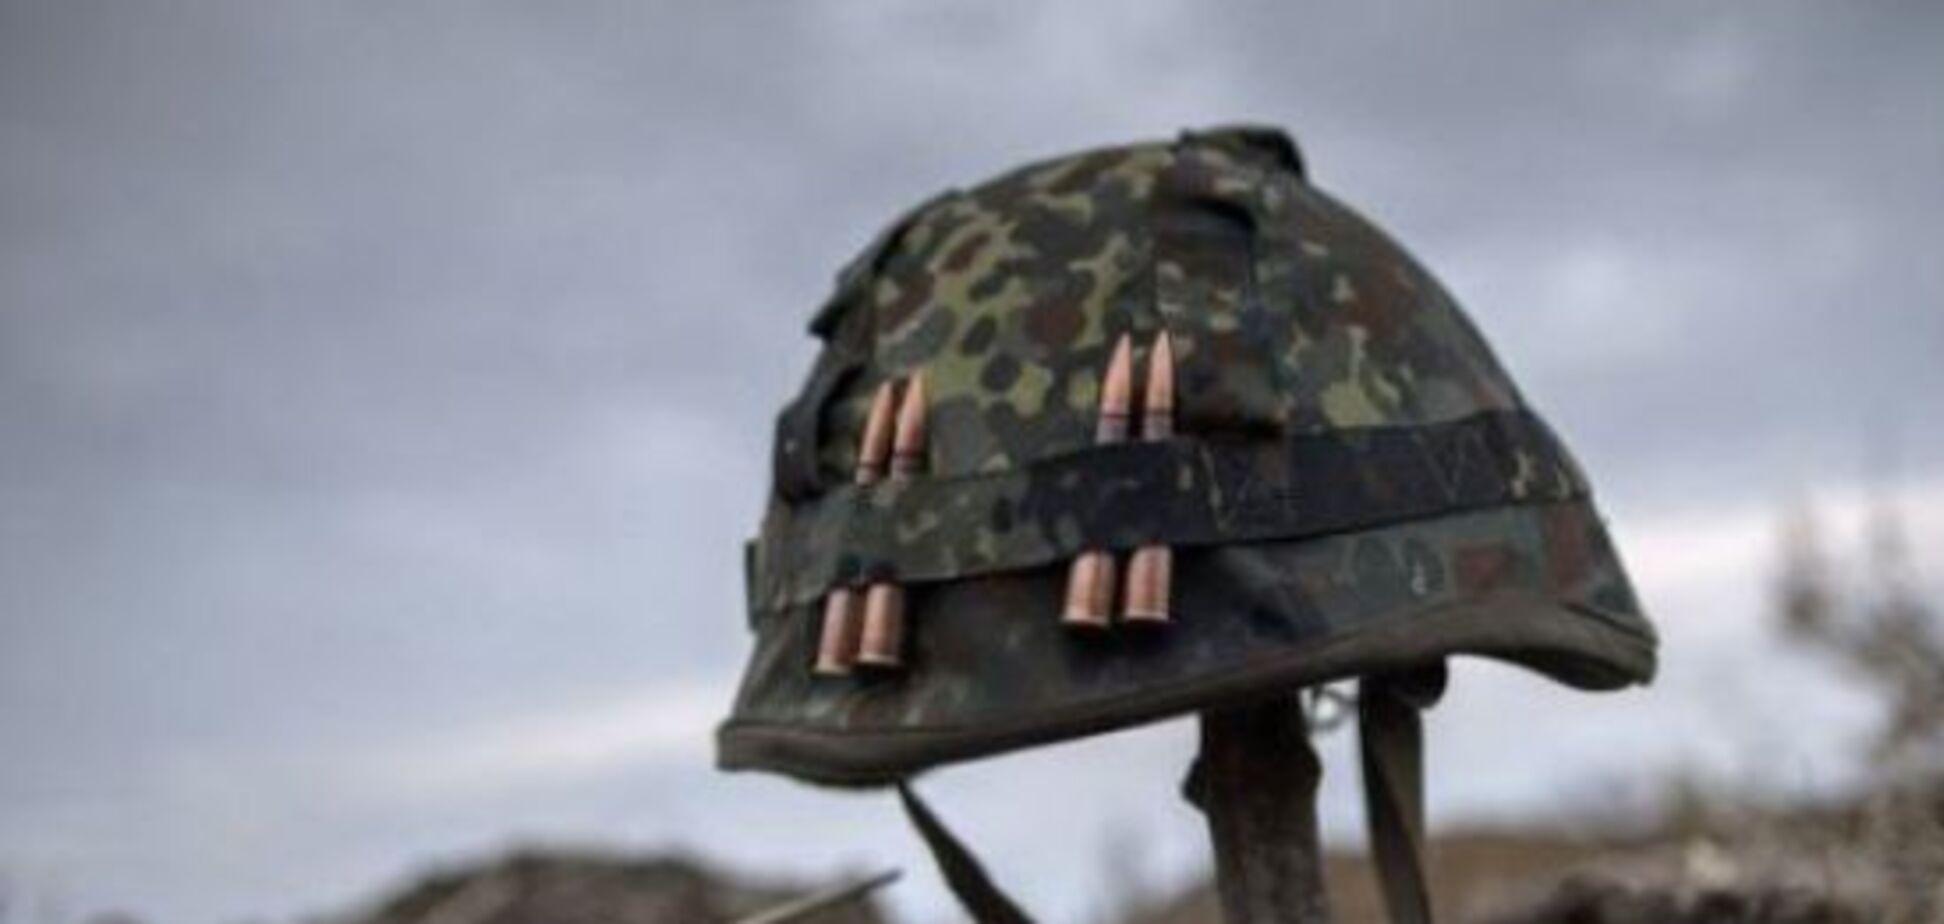 Терористи зазнали величезних втрат: стало відомо про запеклу сутичку на Донбасі